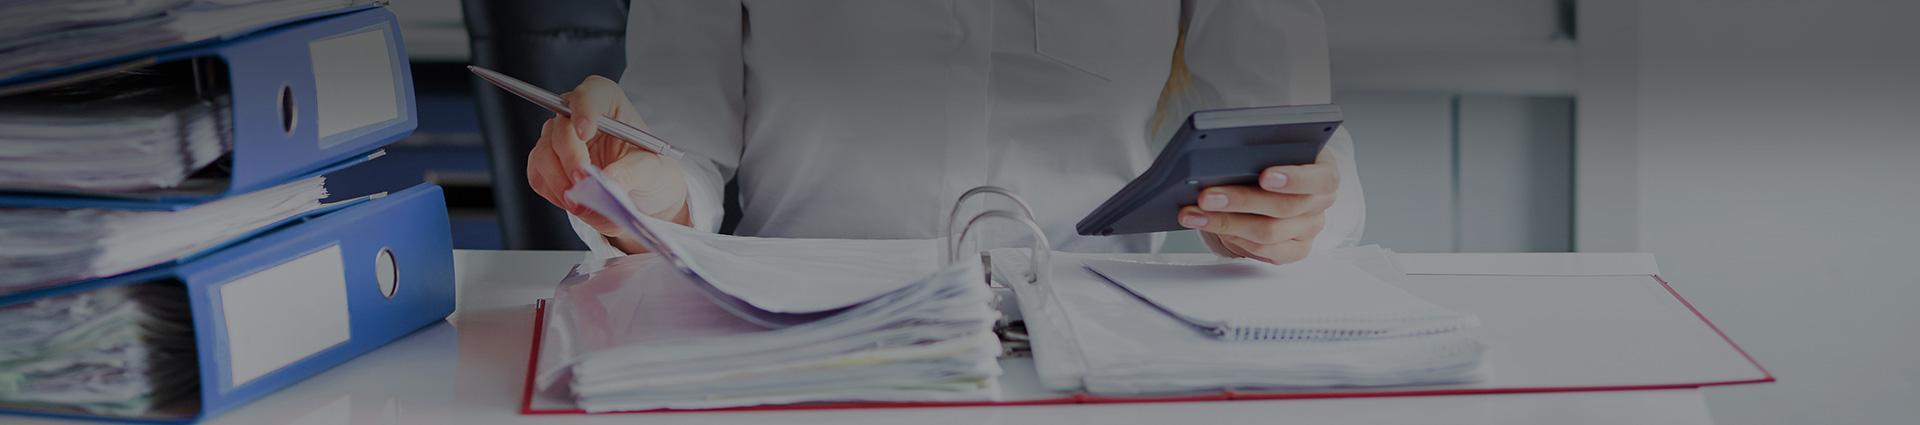 Kalkulator oraz papiery w ręku